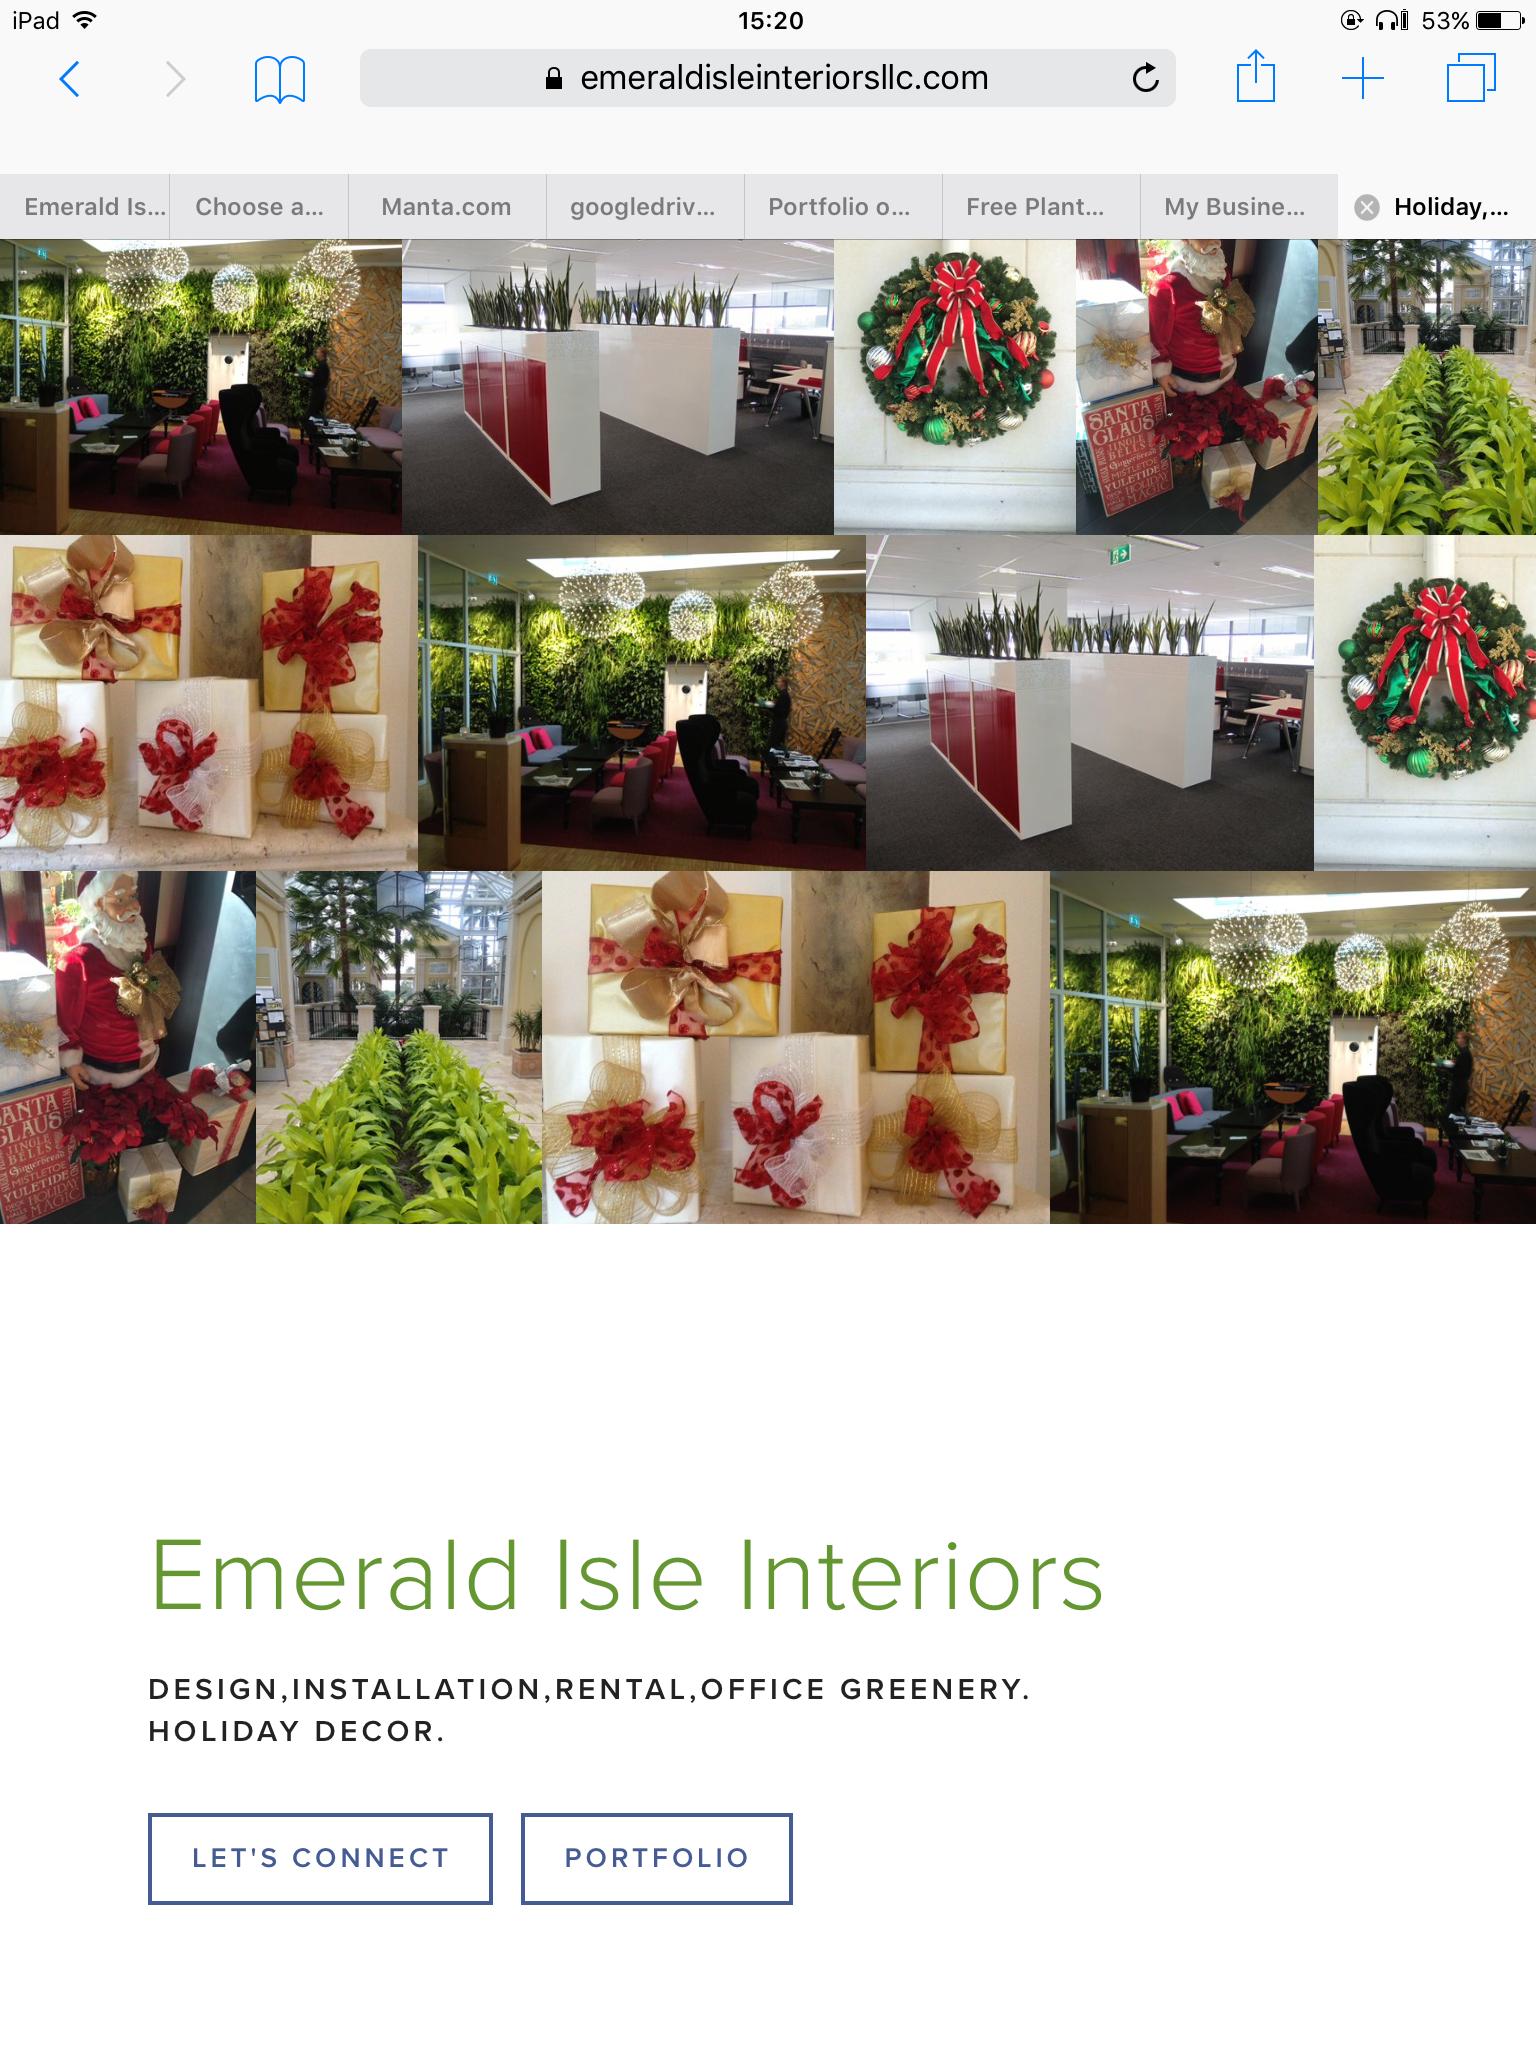 Emerald Isle Interior Plant Service image 3